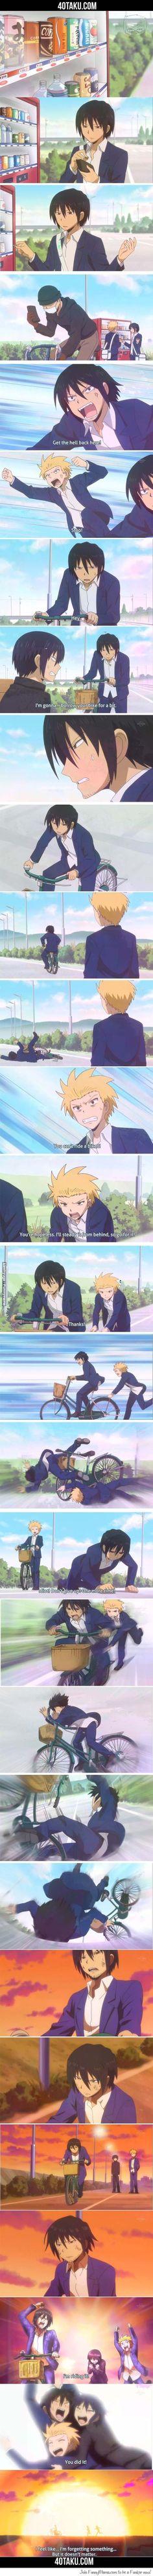 Scene from Danshi Koukousei no Nichijou (daily lives of high school boys)